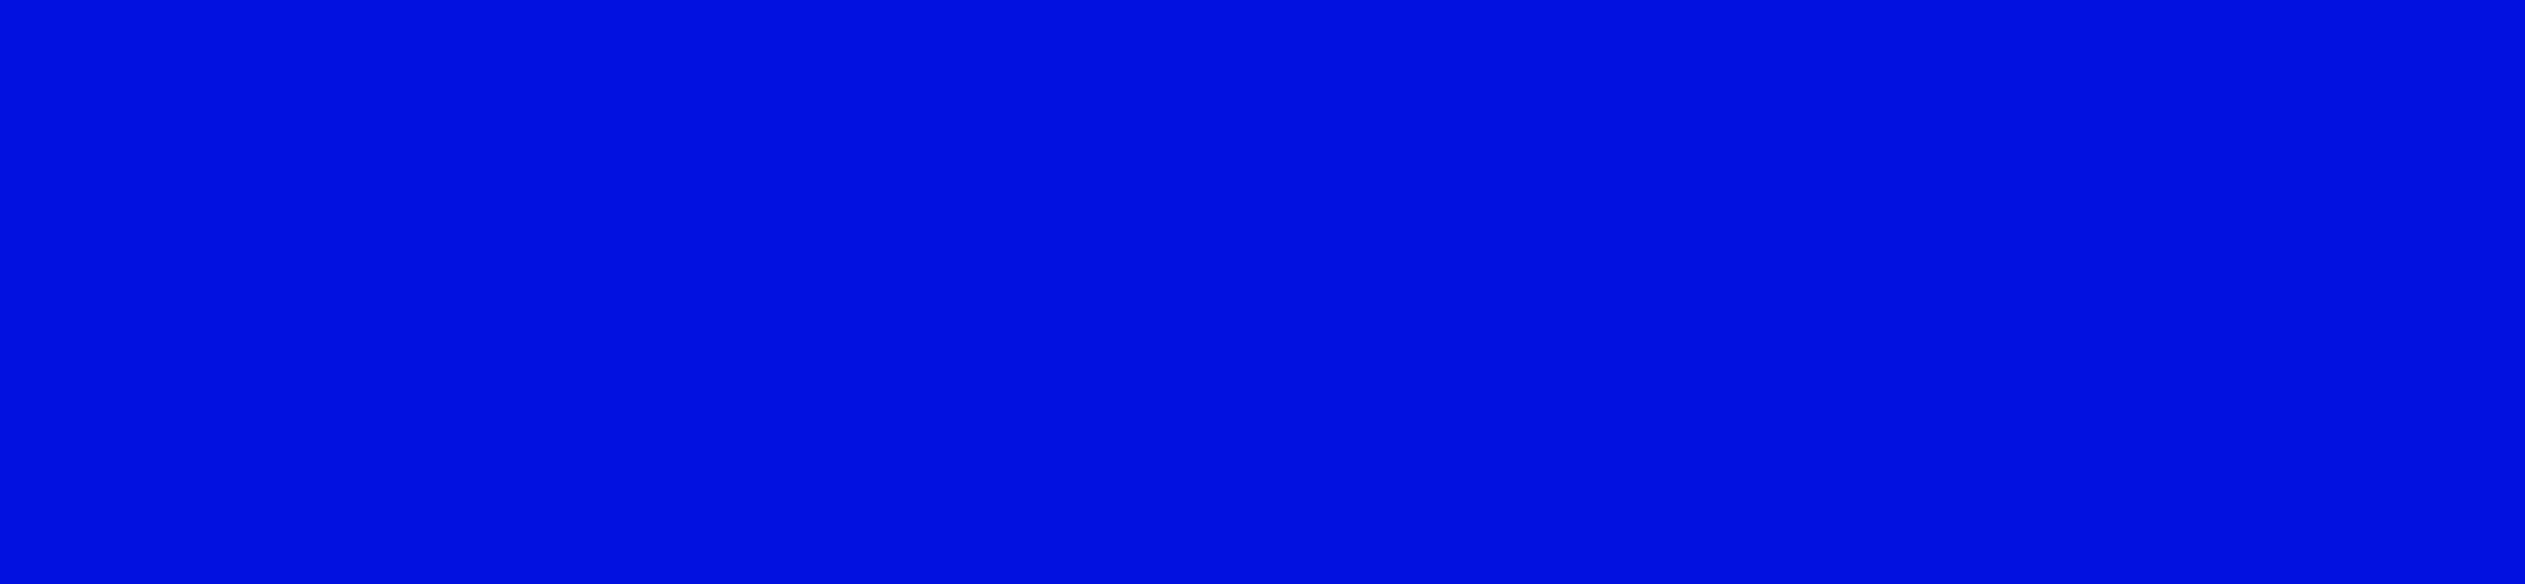 Cobalt .png